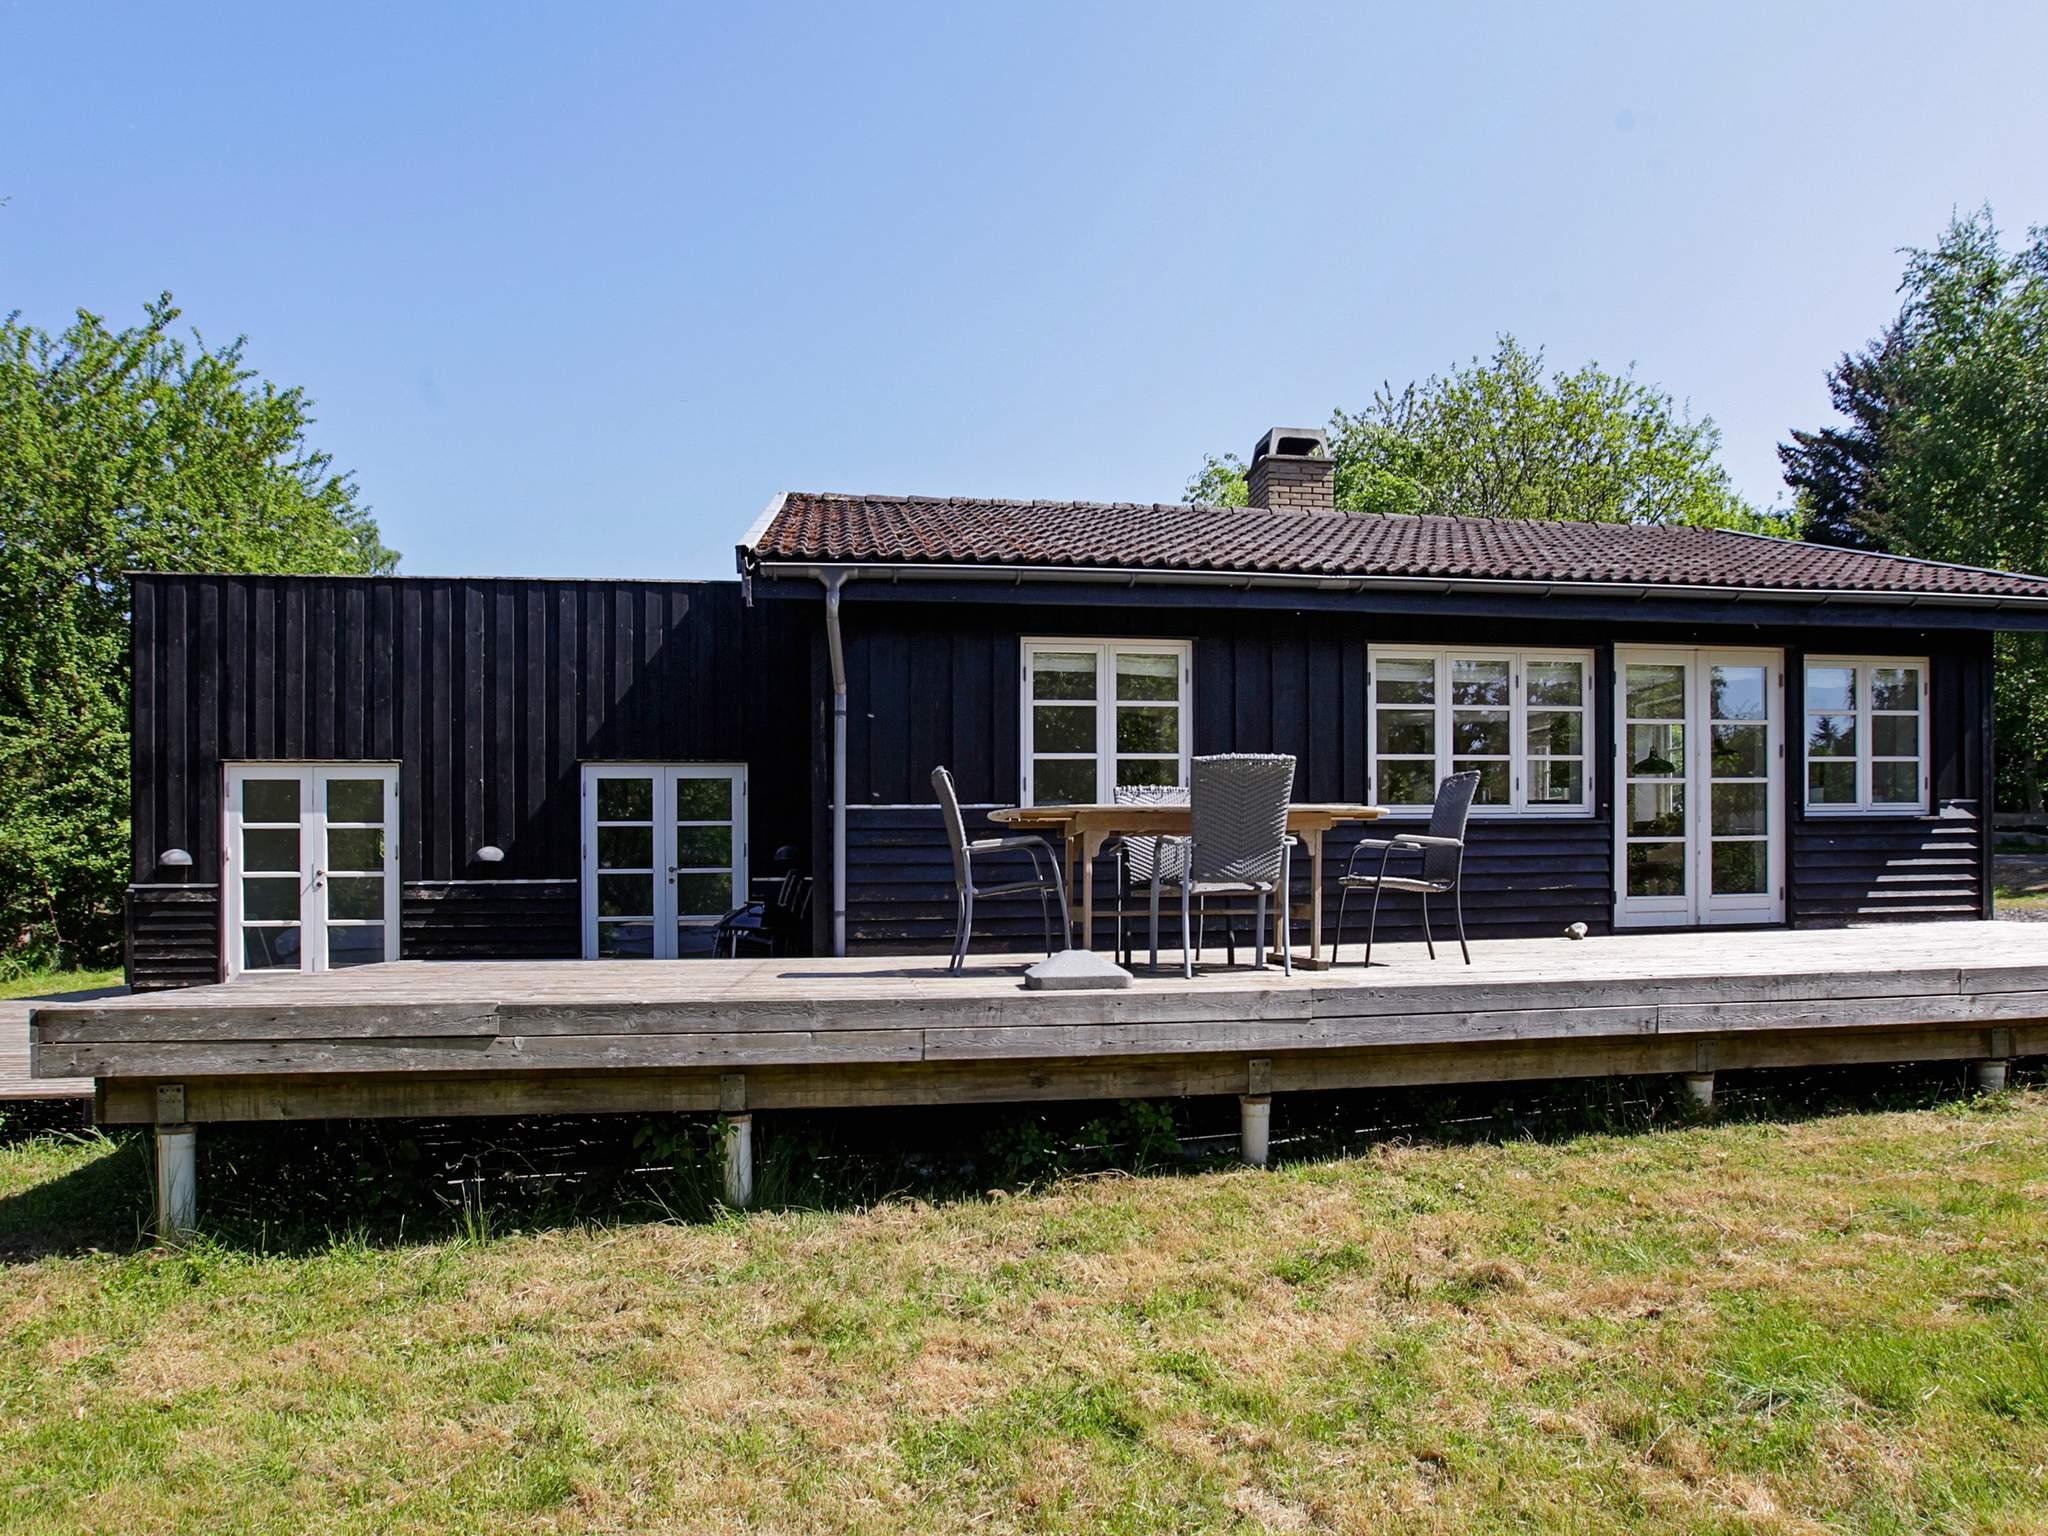 Ferienhaus Udsholt Strand (2417490), Udsholt, , Nordseeland, Dänemark, Bild 1